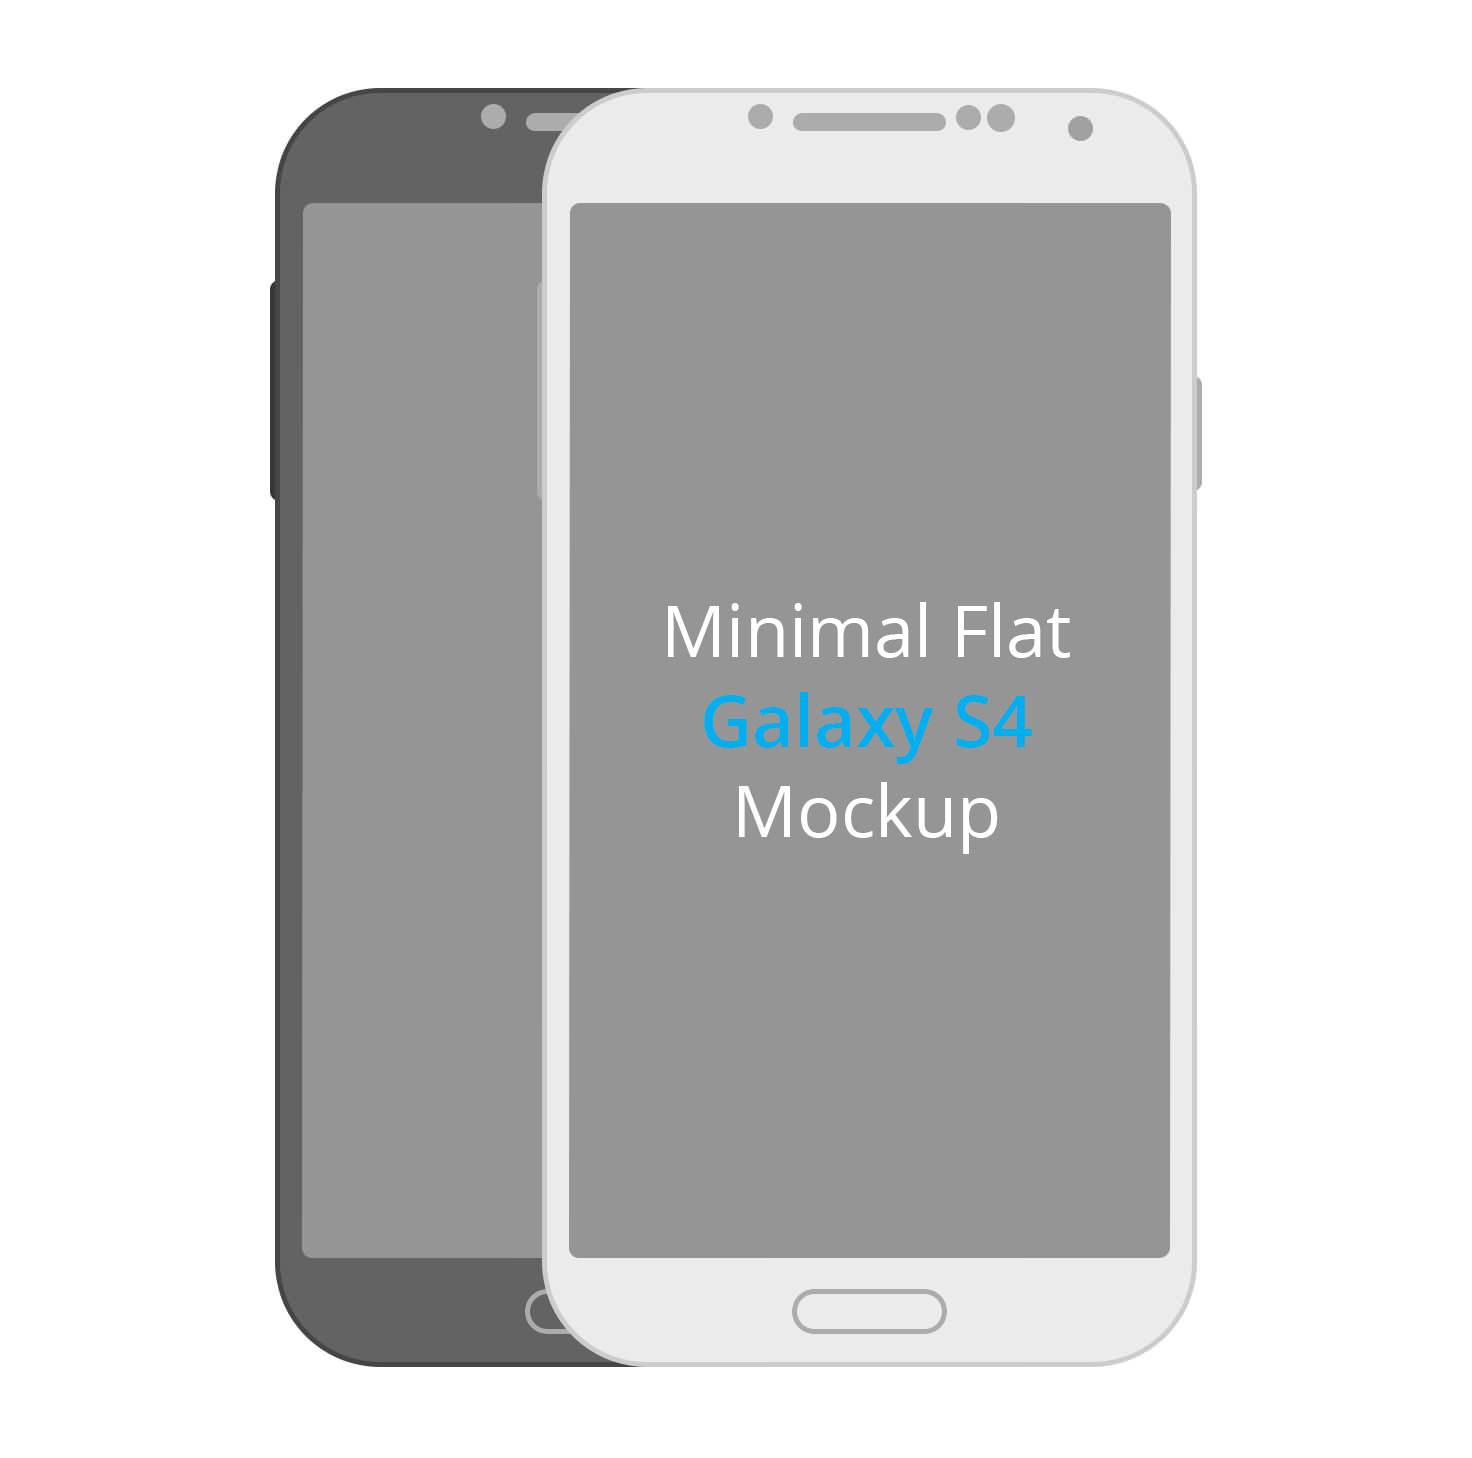 minimal_flat_galaxy_s4_mockup_by_rahuldass-d6hdxr7